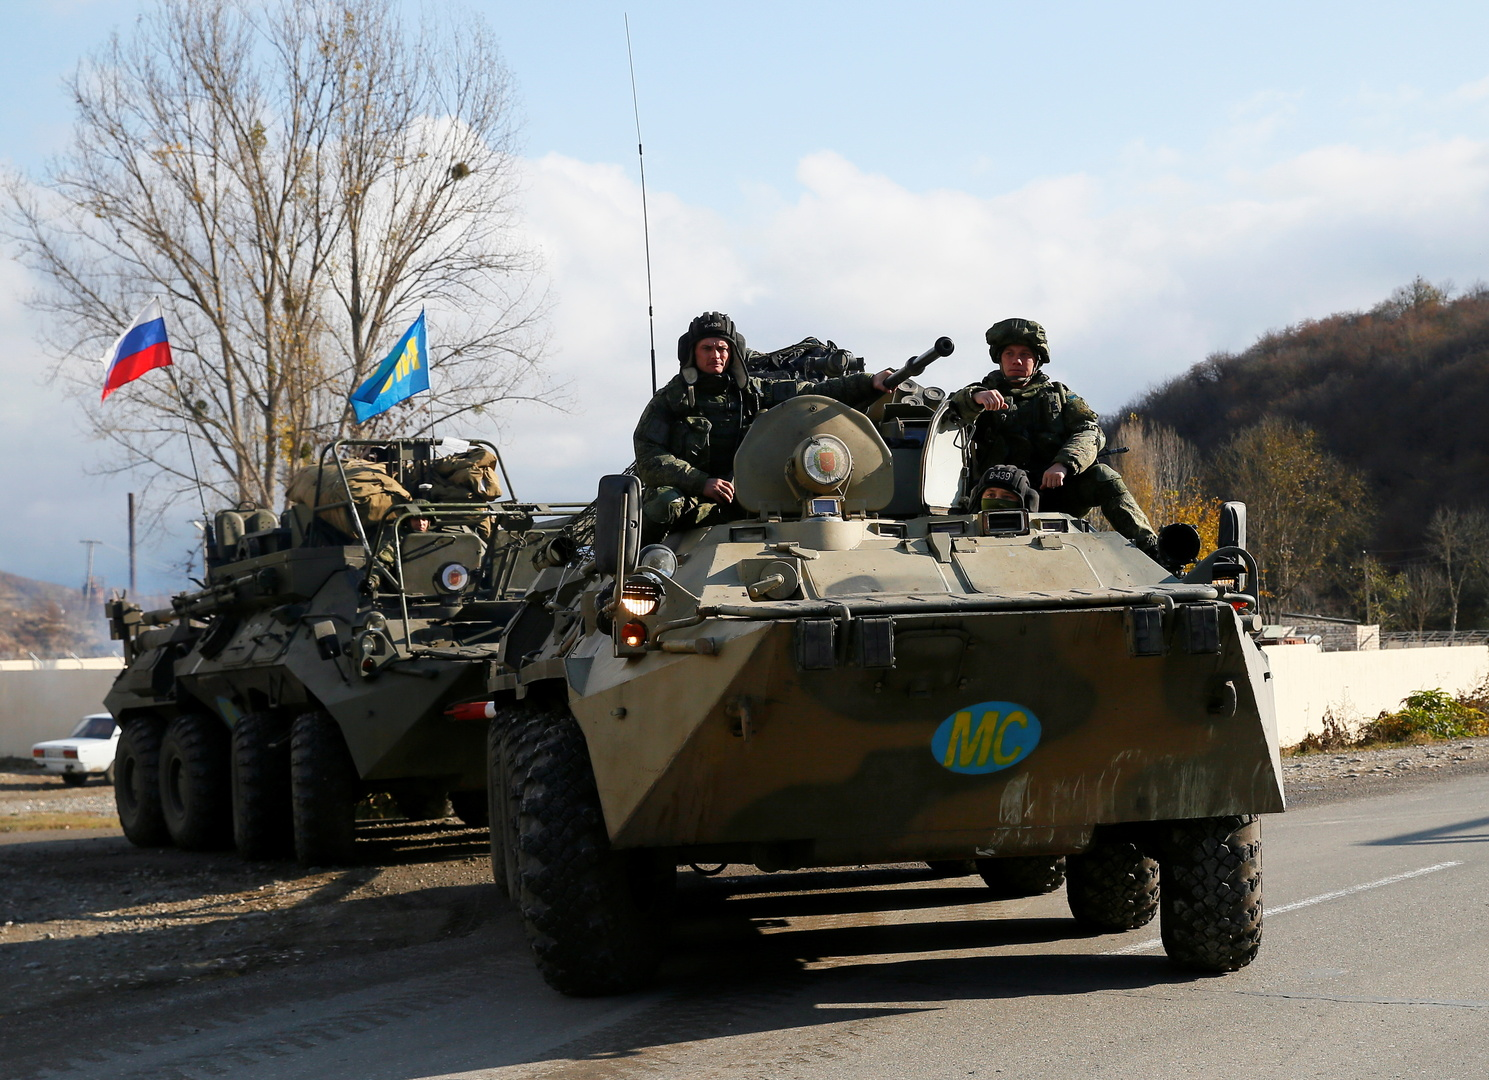 وحدات من قوات حفظ السلام الروسية في إقليم قره باغ.